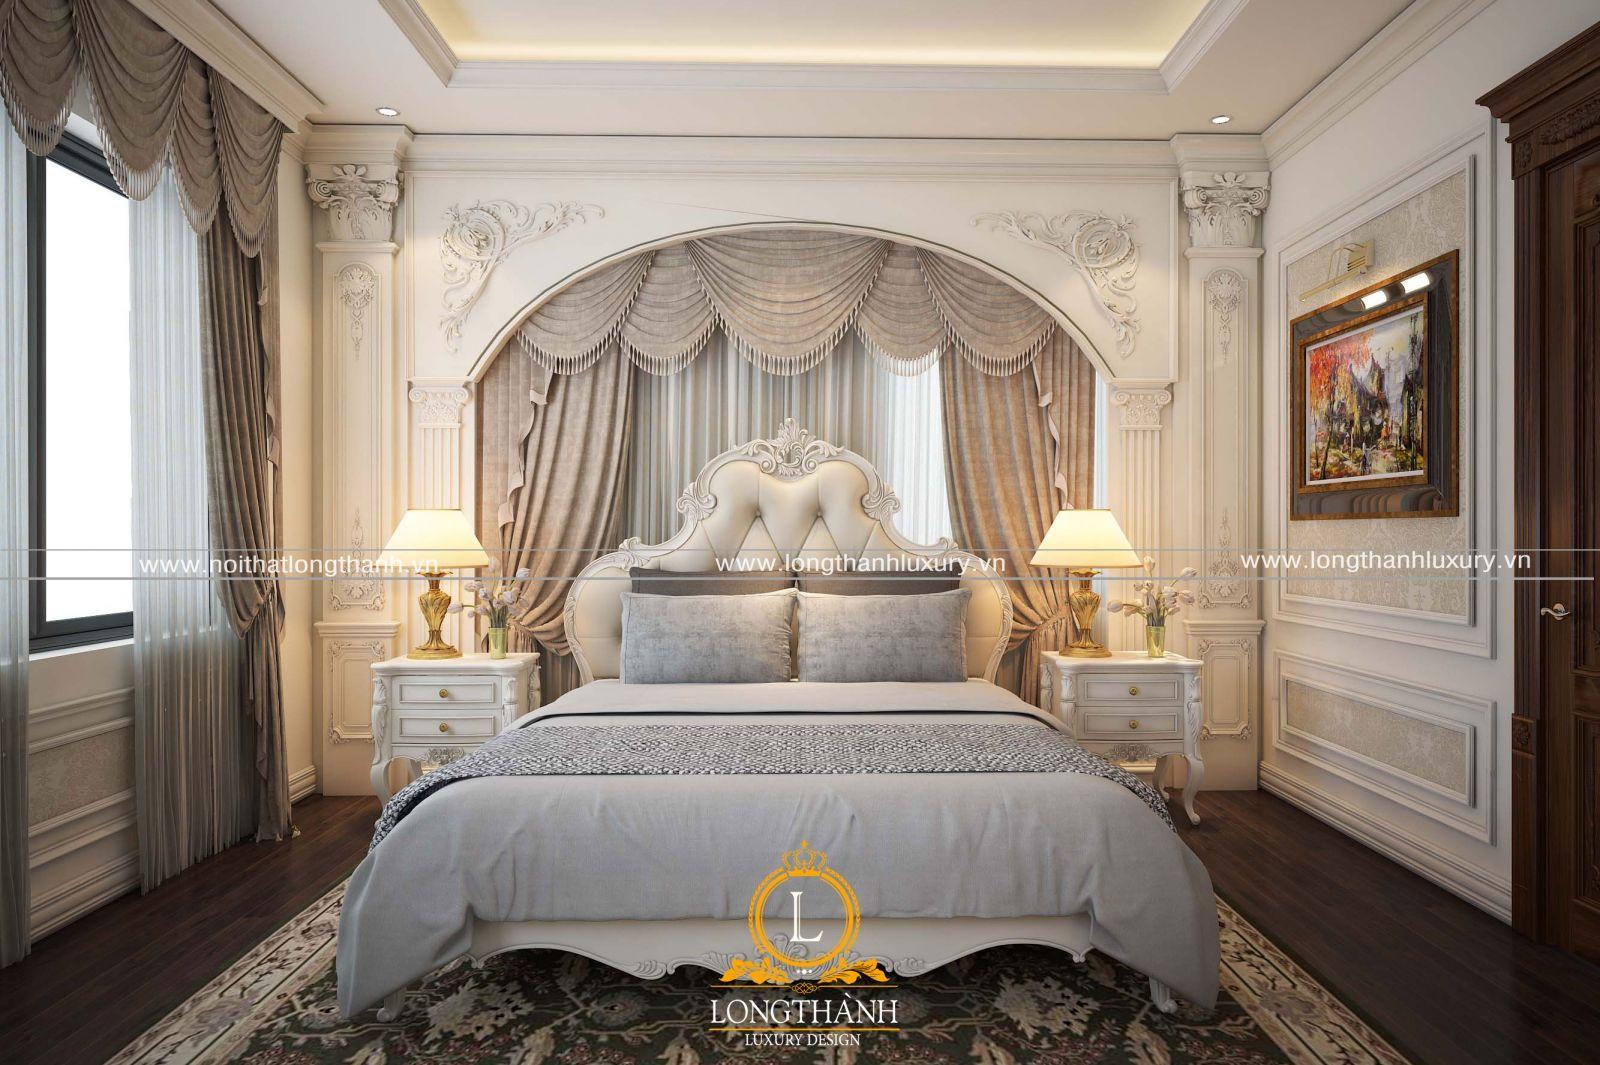 Thiết kế giường ngủ tân cổ điển màu trắng cho phòng ngủ nhà phố